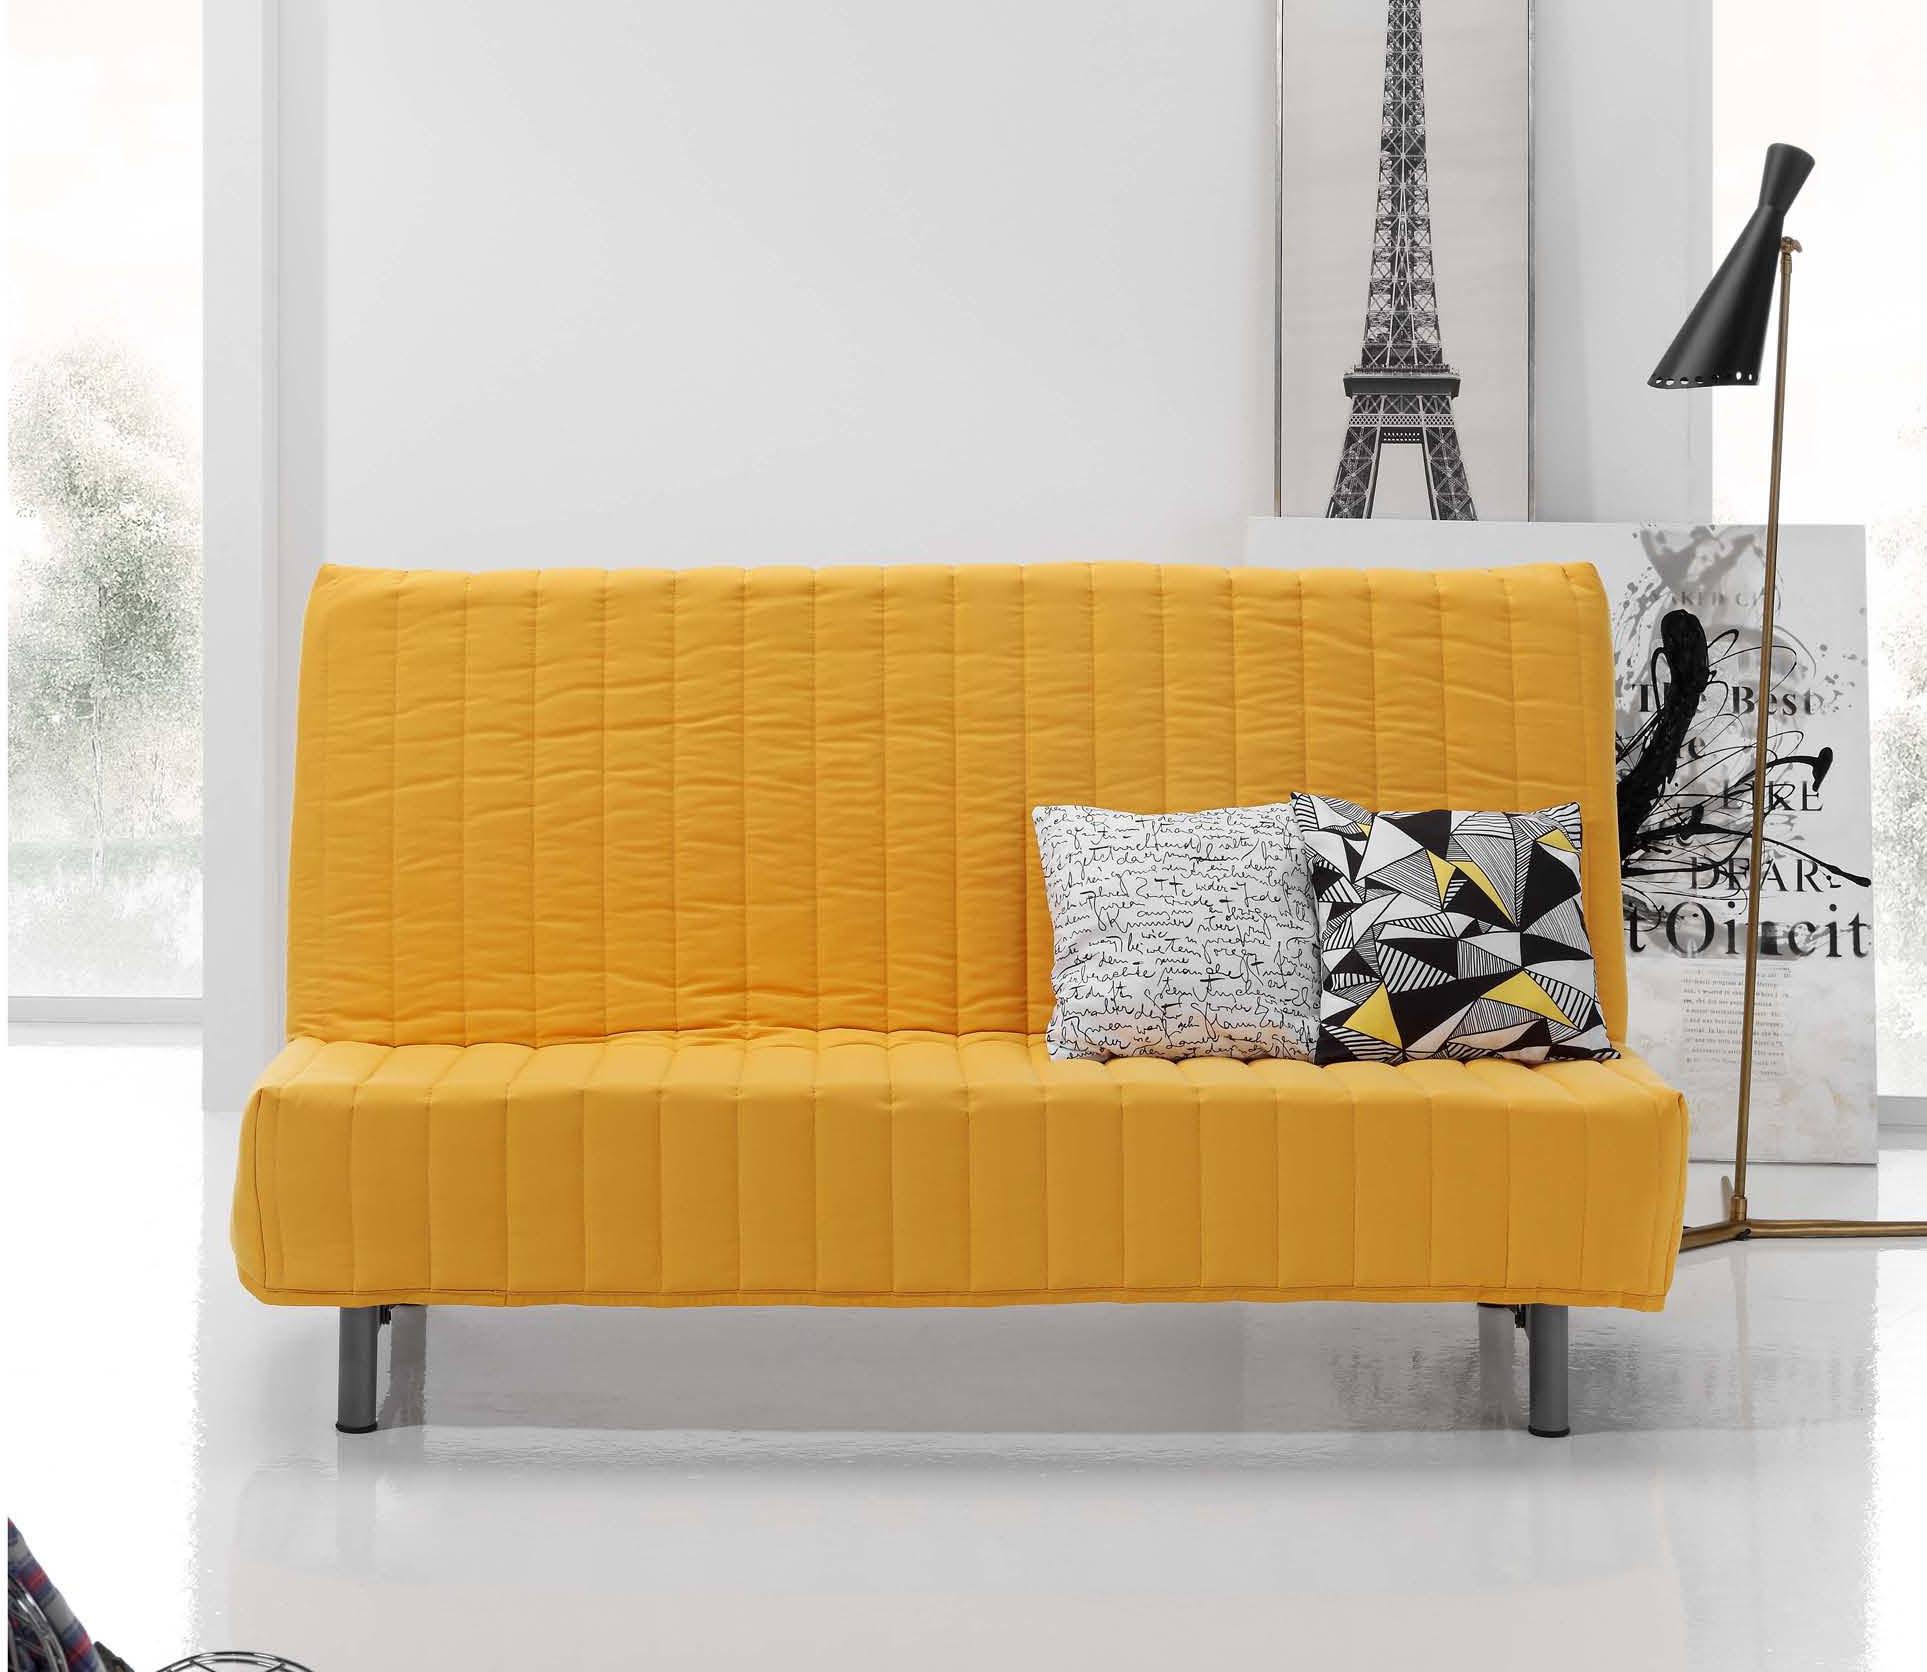 sof cama dise o moderno muebles adama tienda de muebles